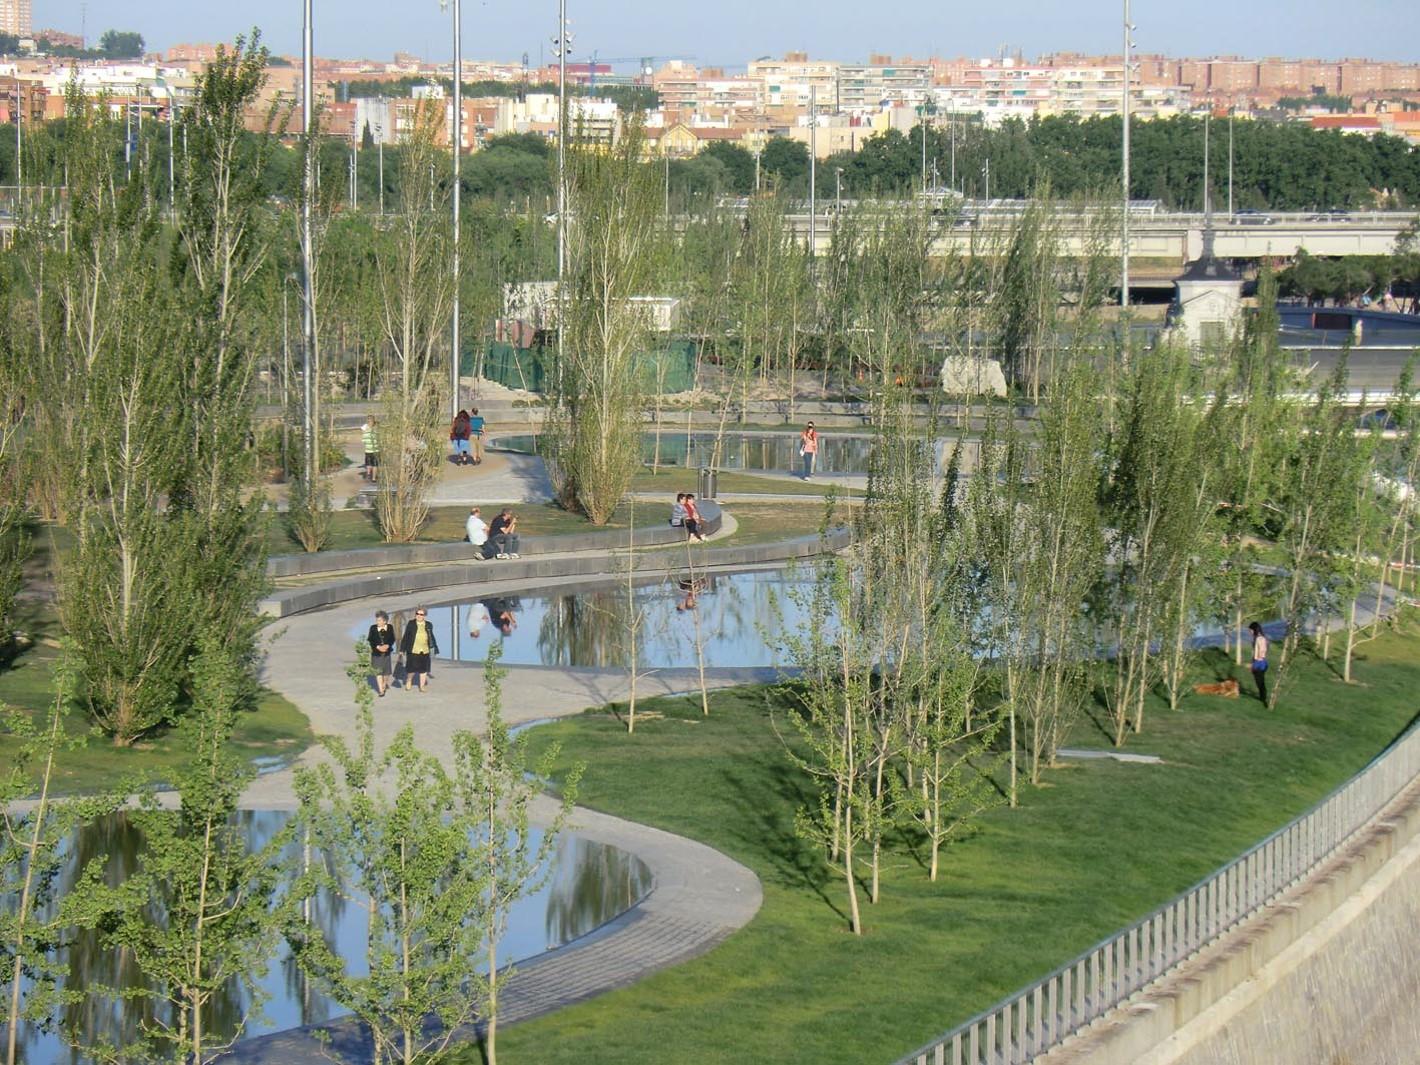 MADRID RIO, un nouveau espace vert public